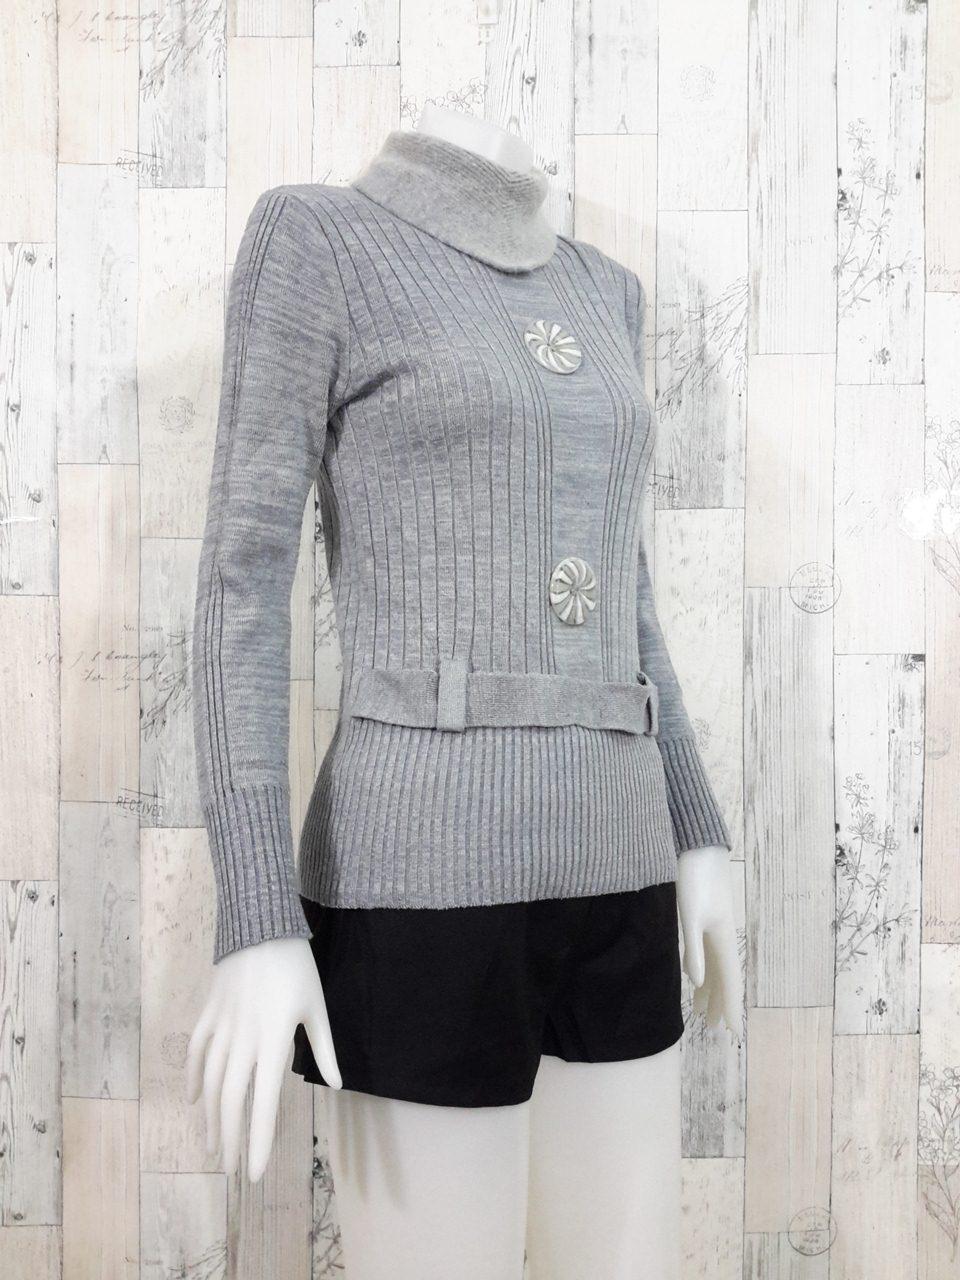 **สินค้าหมด Blouse3525 2nd hand clothes เสื้อไหมพรมร่อง(เนื้อหนามีน้ำหนัก) แขนยาว คอเต่า สีพื้นเทา อกแต่งกระดุม